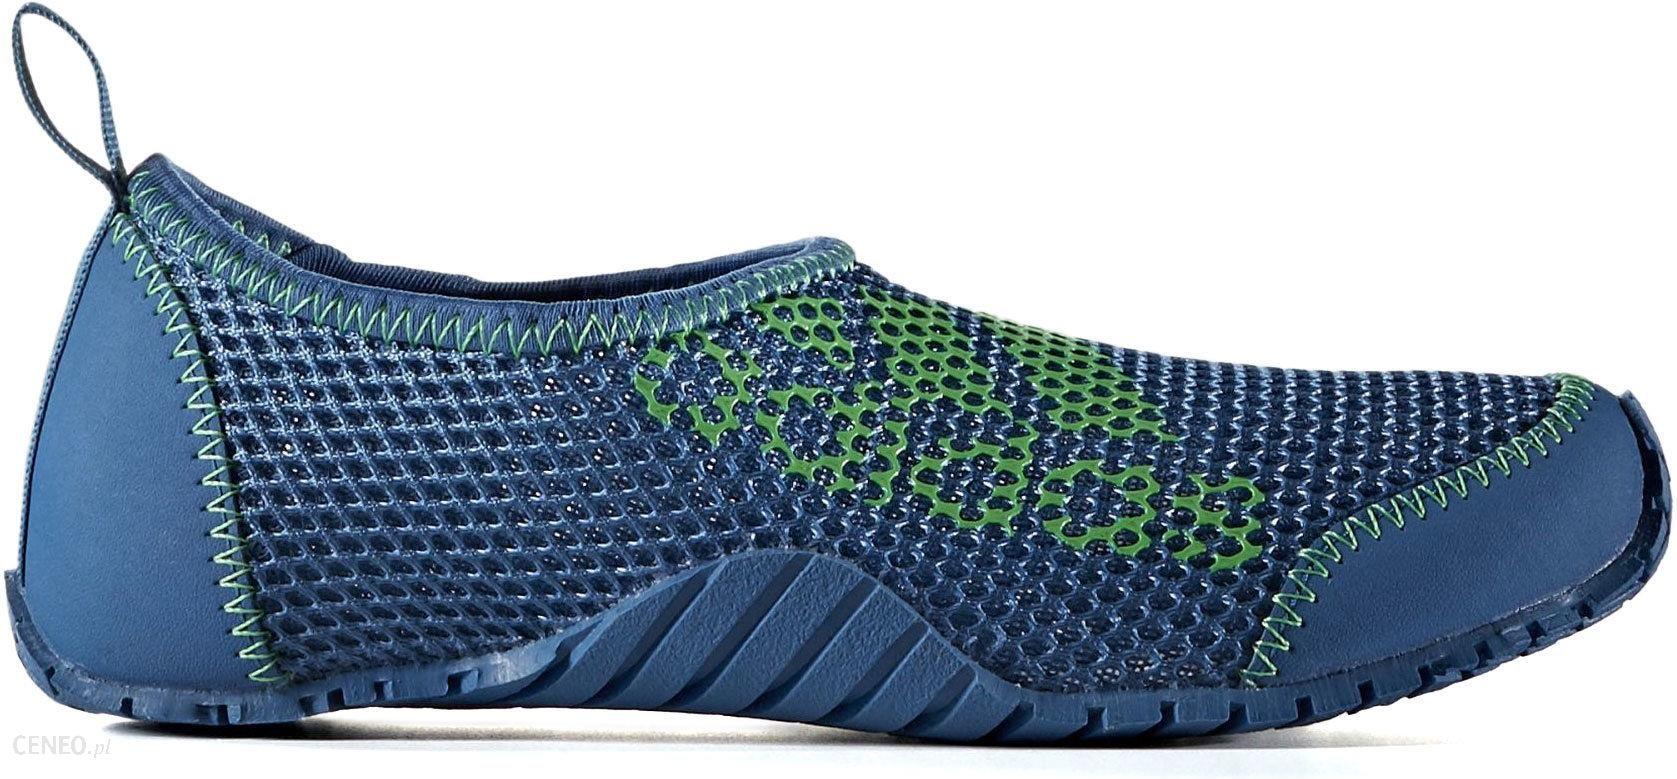 Adidas Buty Do Wody Kurobe Niebieskie Bb5432 Ceny i opinie Ceneo.pl